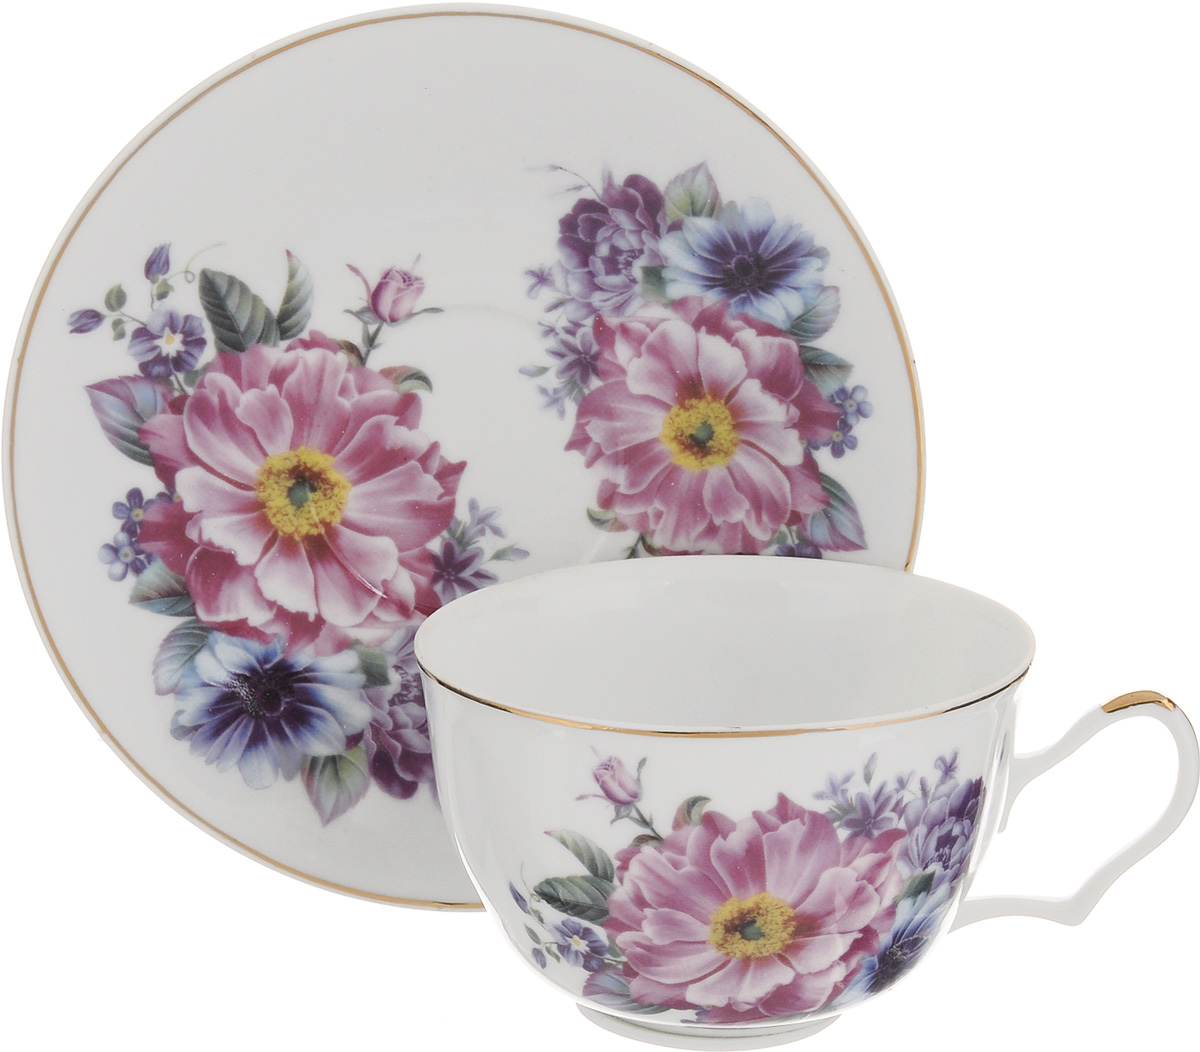 Чайная пара Loraine, 2 предмета. 2458554 009312Чайная пара Loraine выполнена из высококачественной керамики. Чашка и блюдце украшены ярким изображением цветов. Изящный дизайн и красочность оформления придутся по вкусу и ценителям классики, и тем, кто предпочитает утонченность и изысканность. Чайная пара - идеальный и необходимый подарок для вашего дома и для ваших друзей в праздники, юбилеи и торжества. Она также станет отличным корпоративным подарком и украшением любой кухни. Объем чашки: 250 мл. Диаметр чашки по верхнему краю: 9,5 см. Высота чашки: 6 см.Диаметр блюдца: 15,5 см. Высота блюдца: 1,8 см.